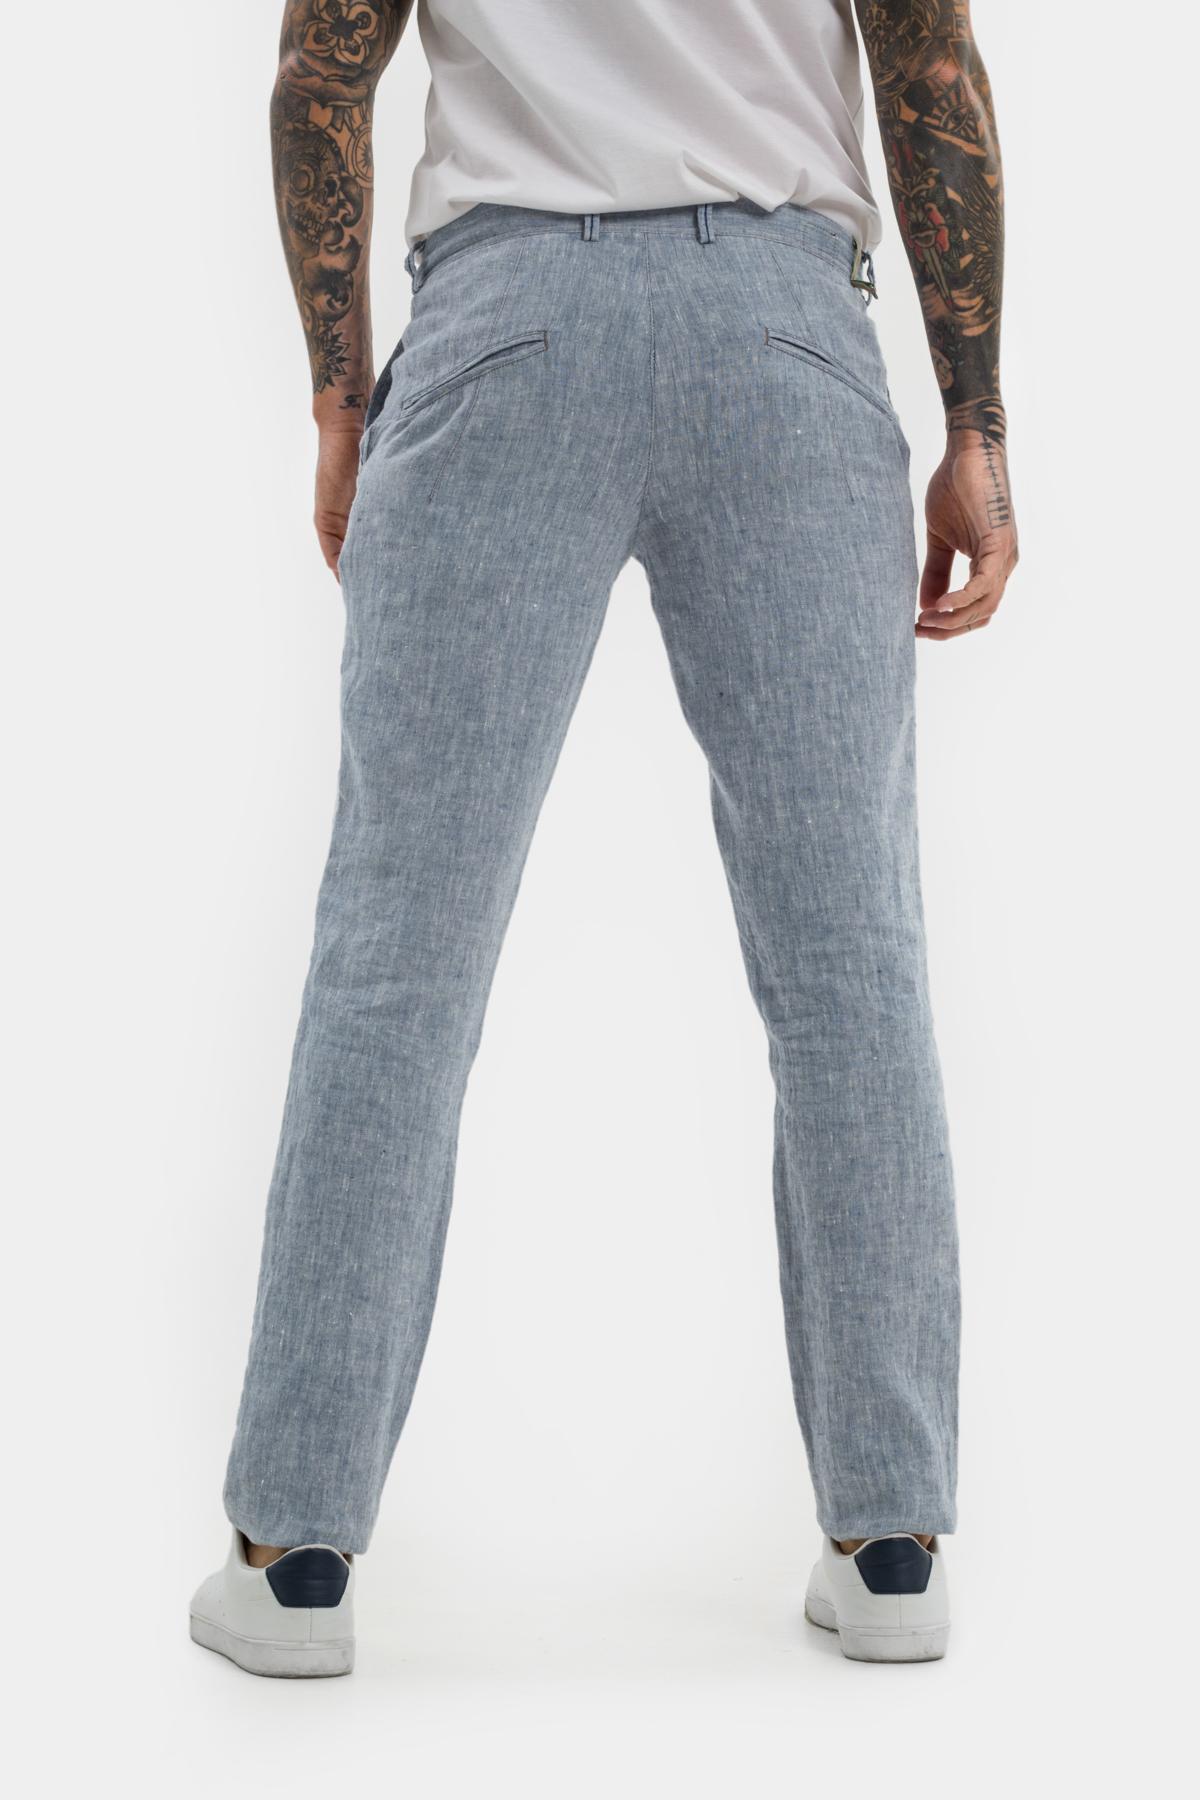 Зауженные брюки «chinos»,  изо льна.  Vaismann  21507